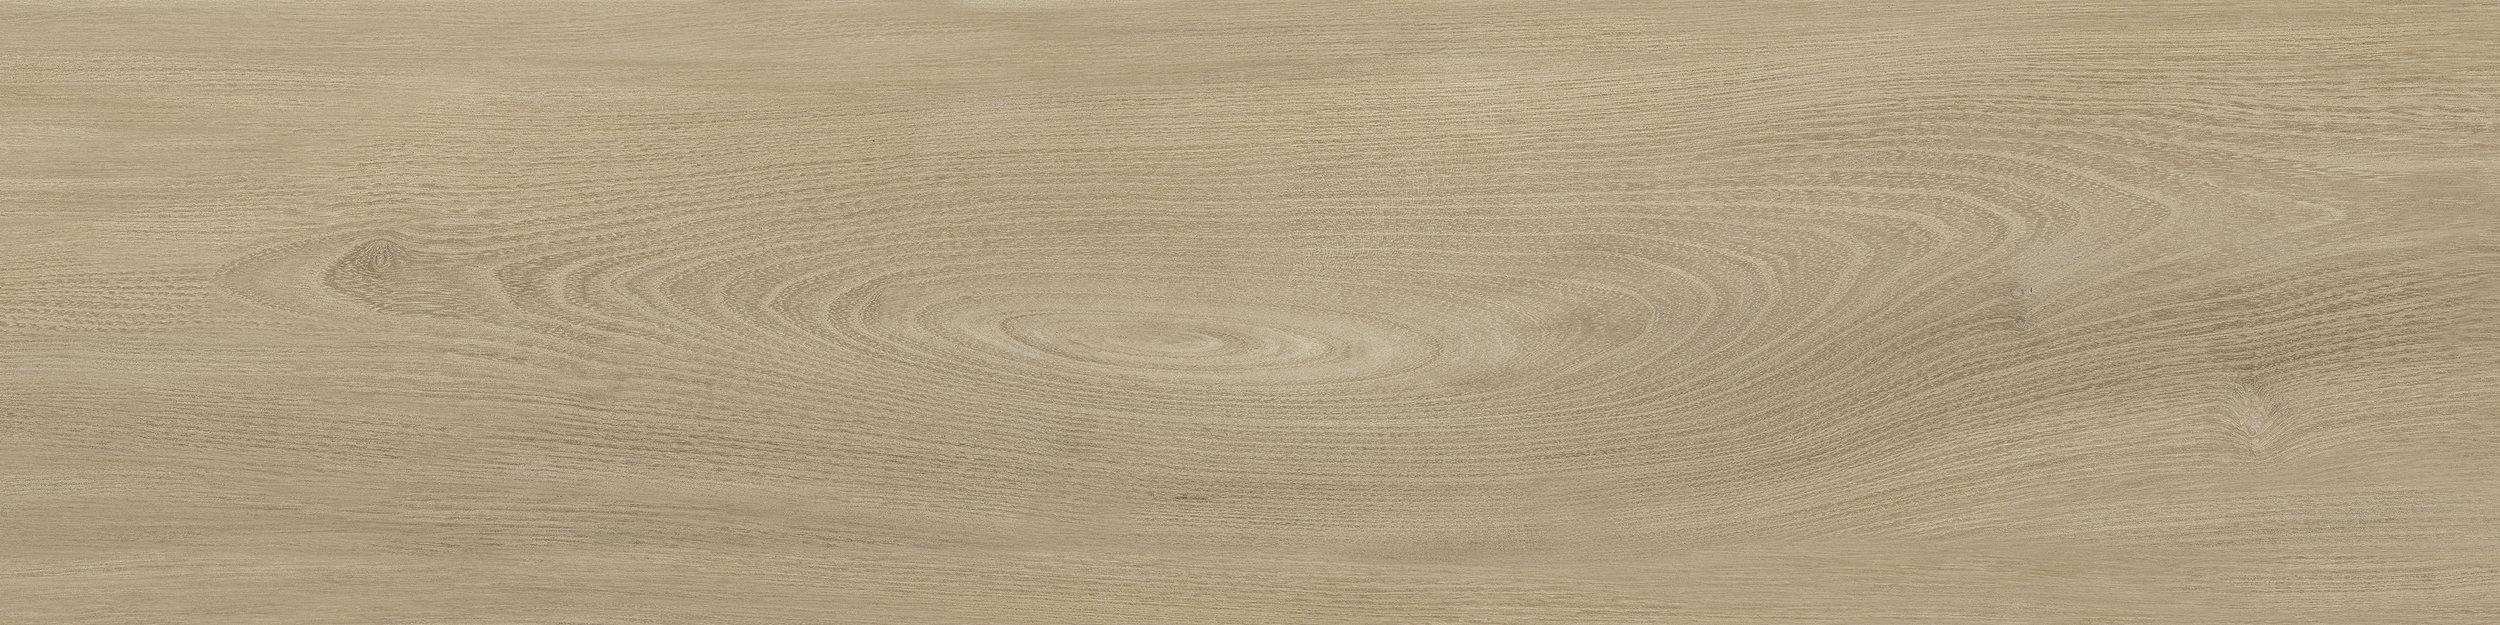 Luxor Paglia 22.5x90 cm